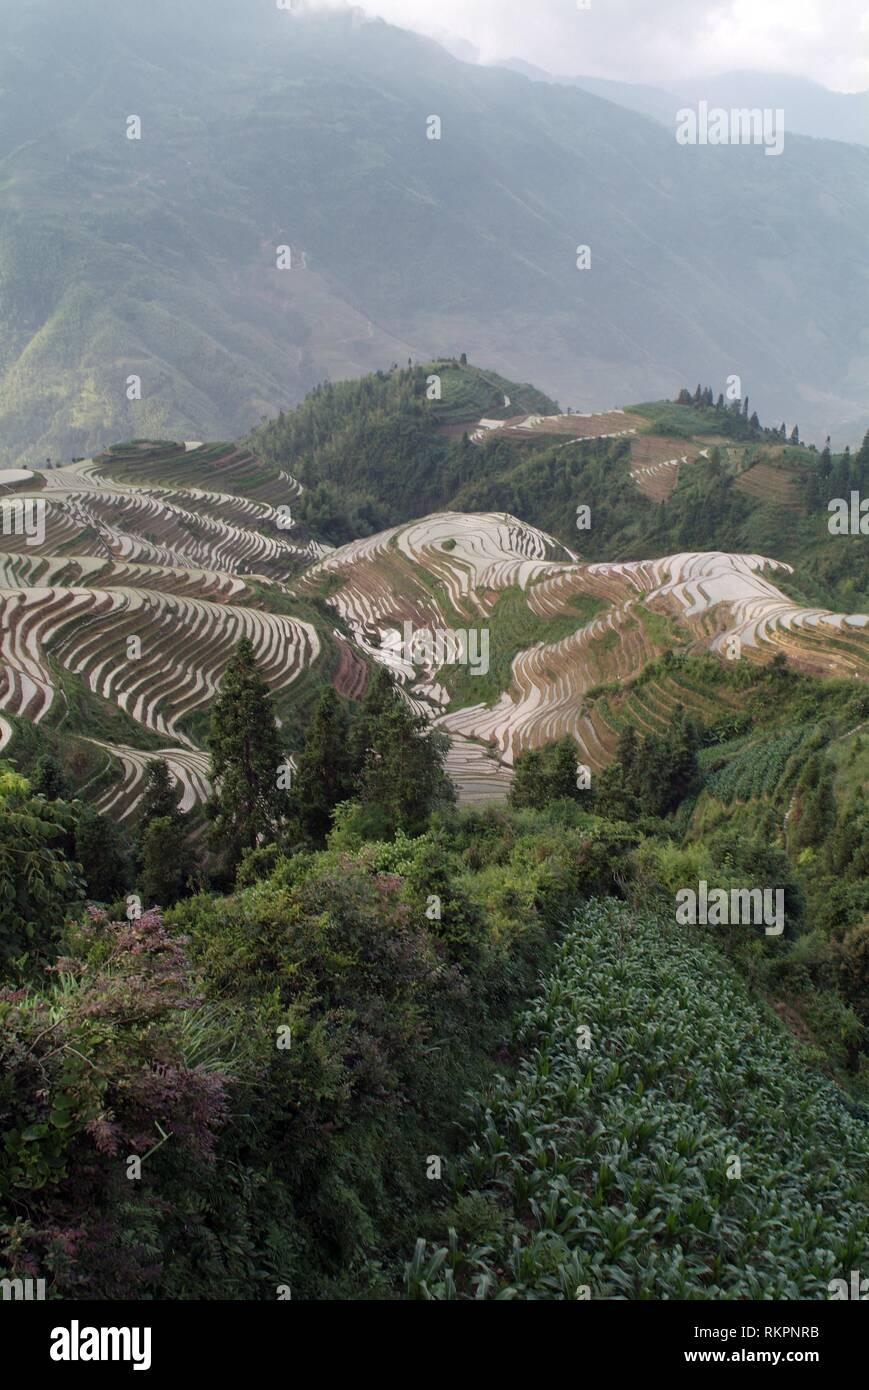 Une section de la spectaculaire Longji- Dragon's backbone Rice Terraces à Ping'An, Longshen Comté. Couper dans le relief du terrain et exploité par ma Photo Stock